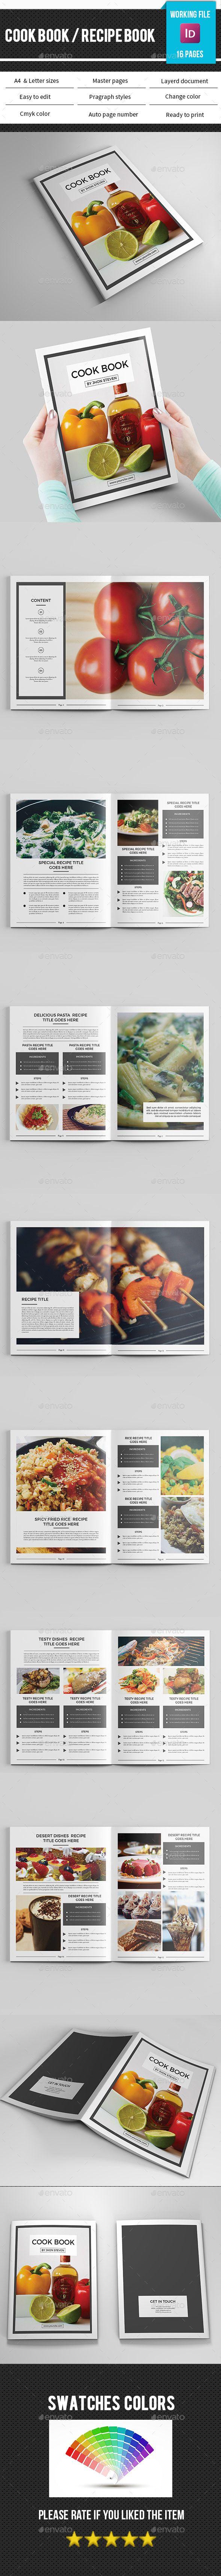 Cook Book/Recipe Book Template | Editorial, Diseño editorial y ...